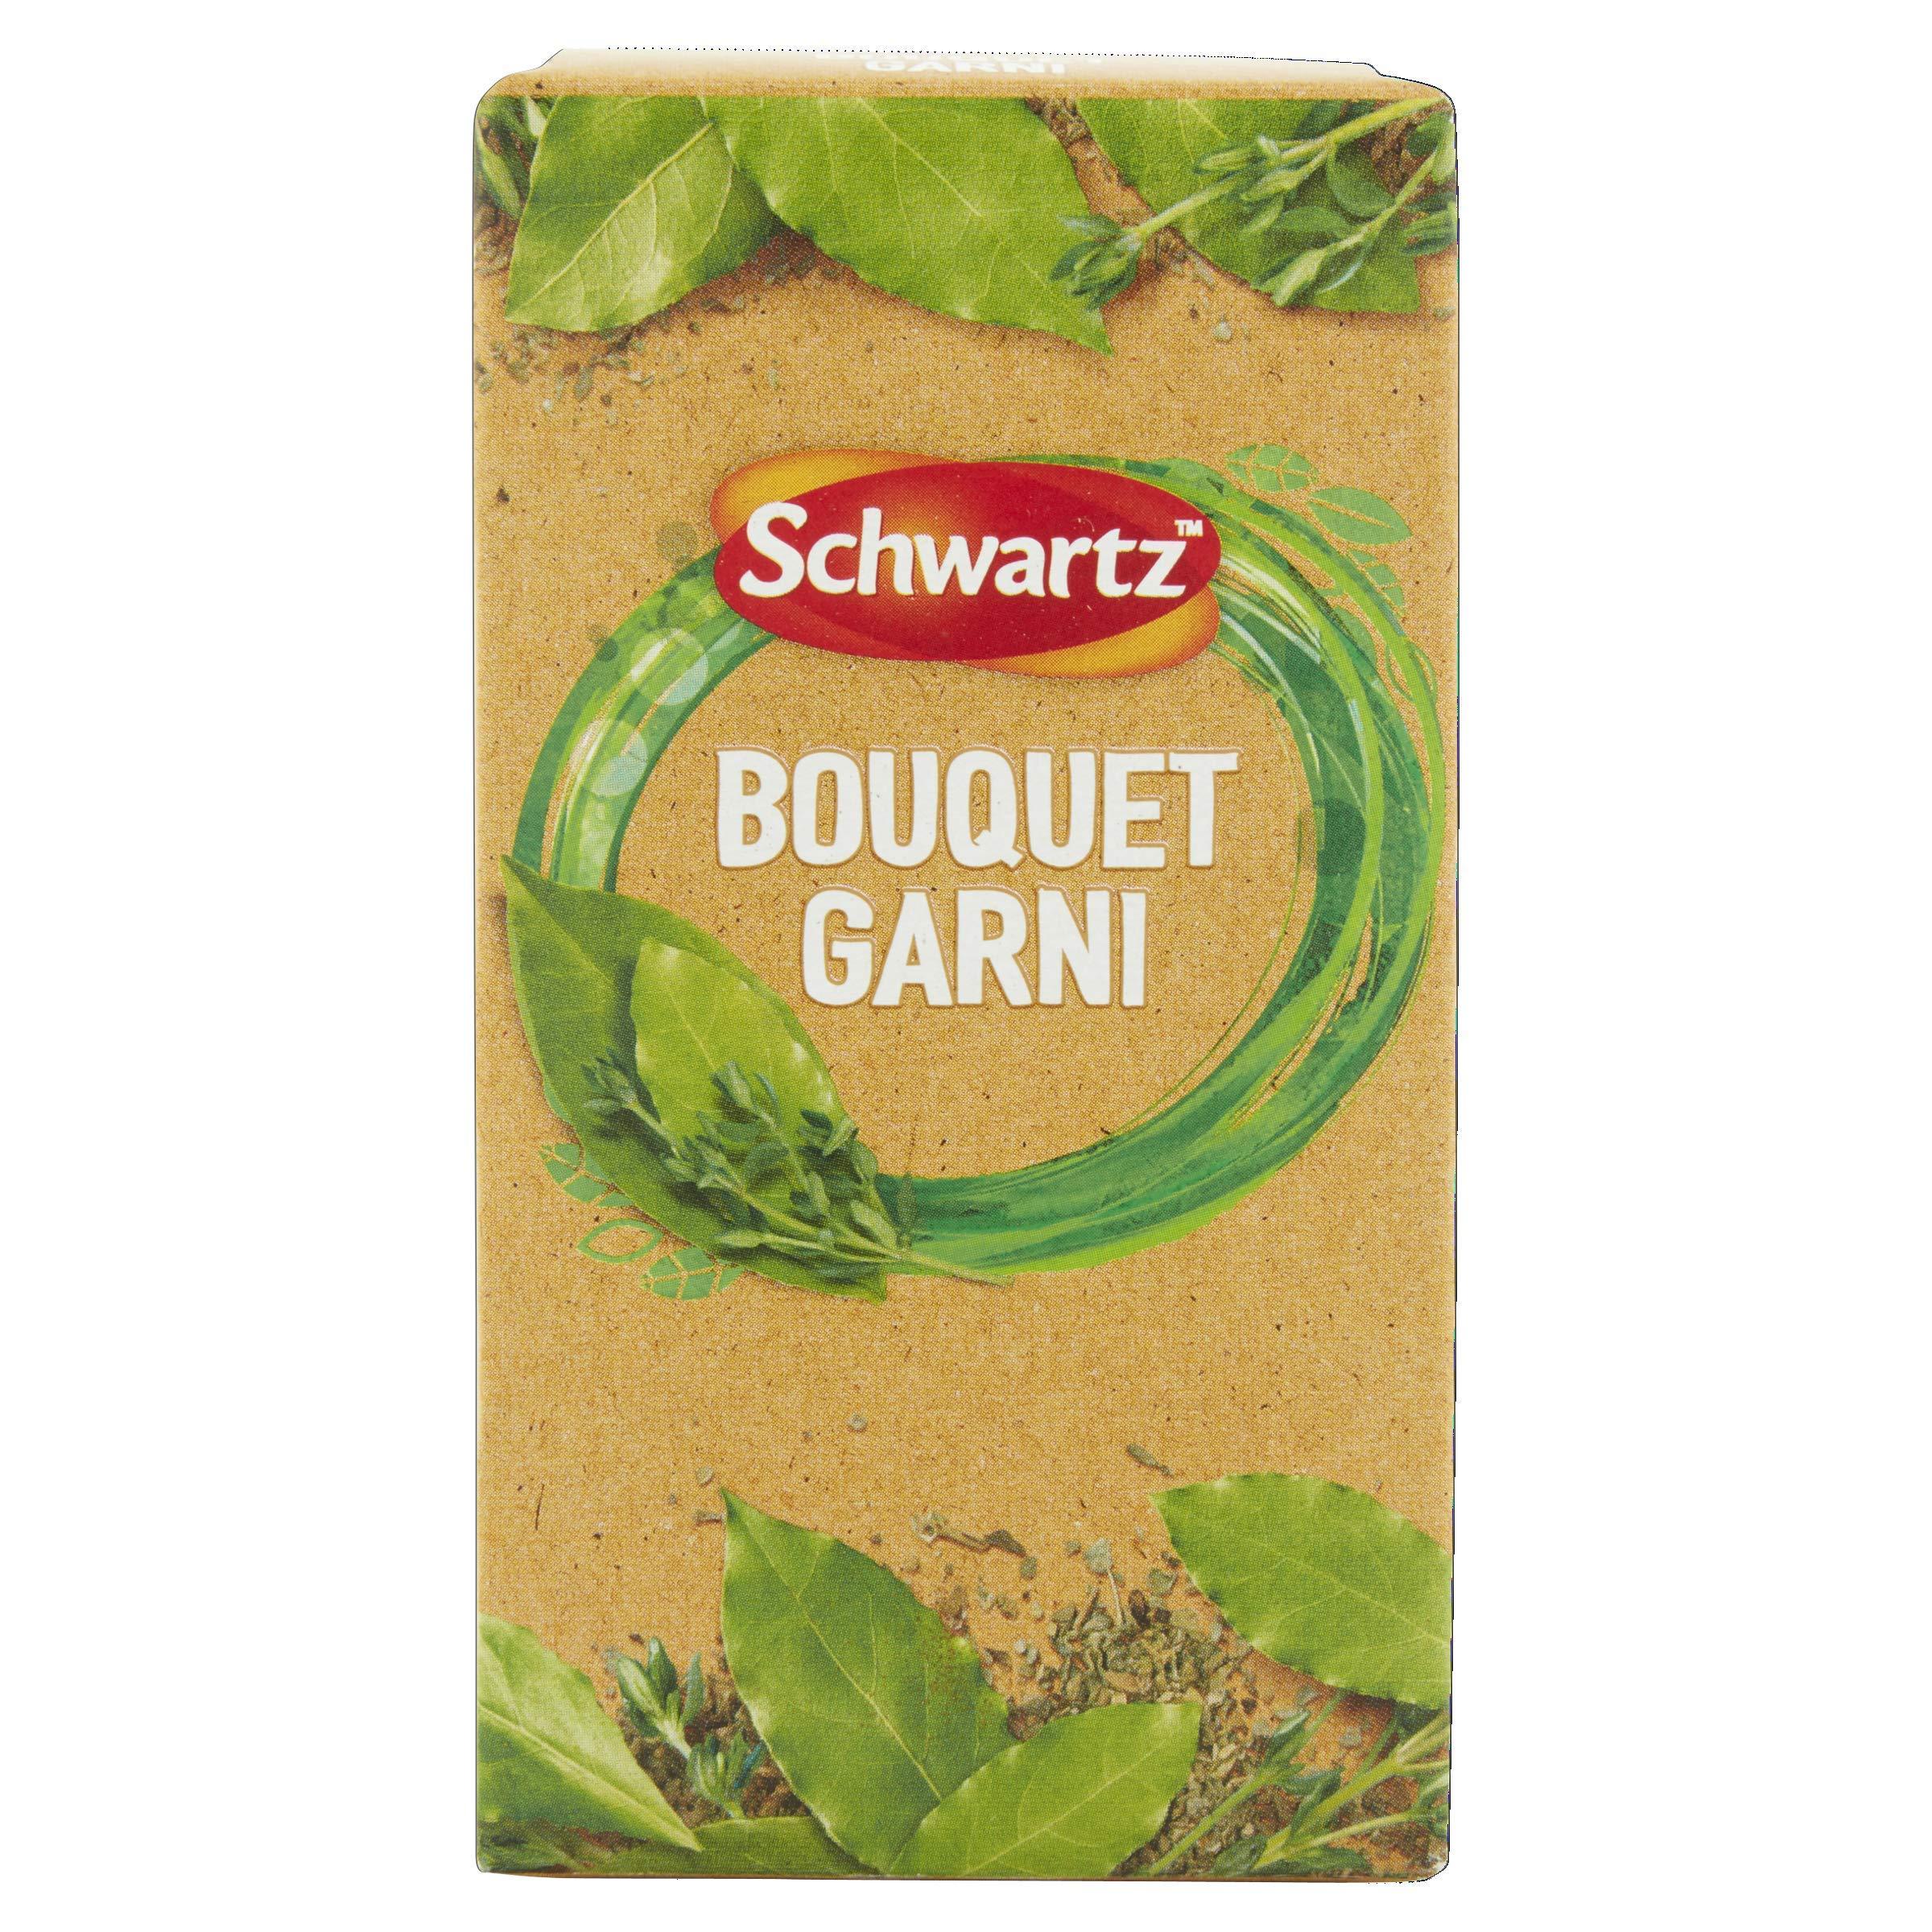 Schwartz 5 Bouquet Garni, 5g